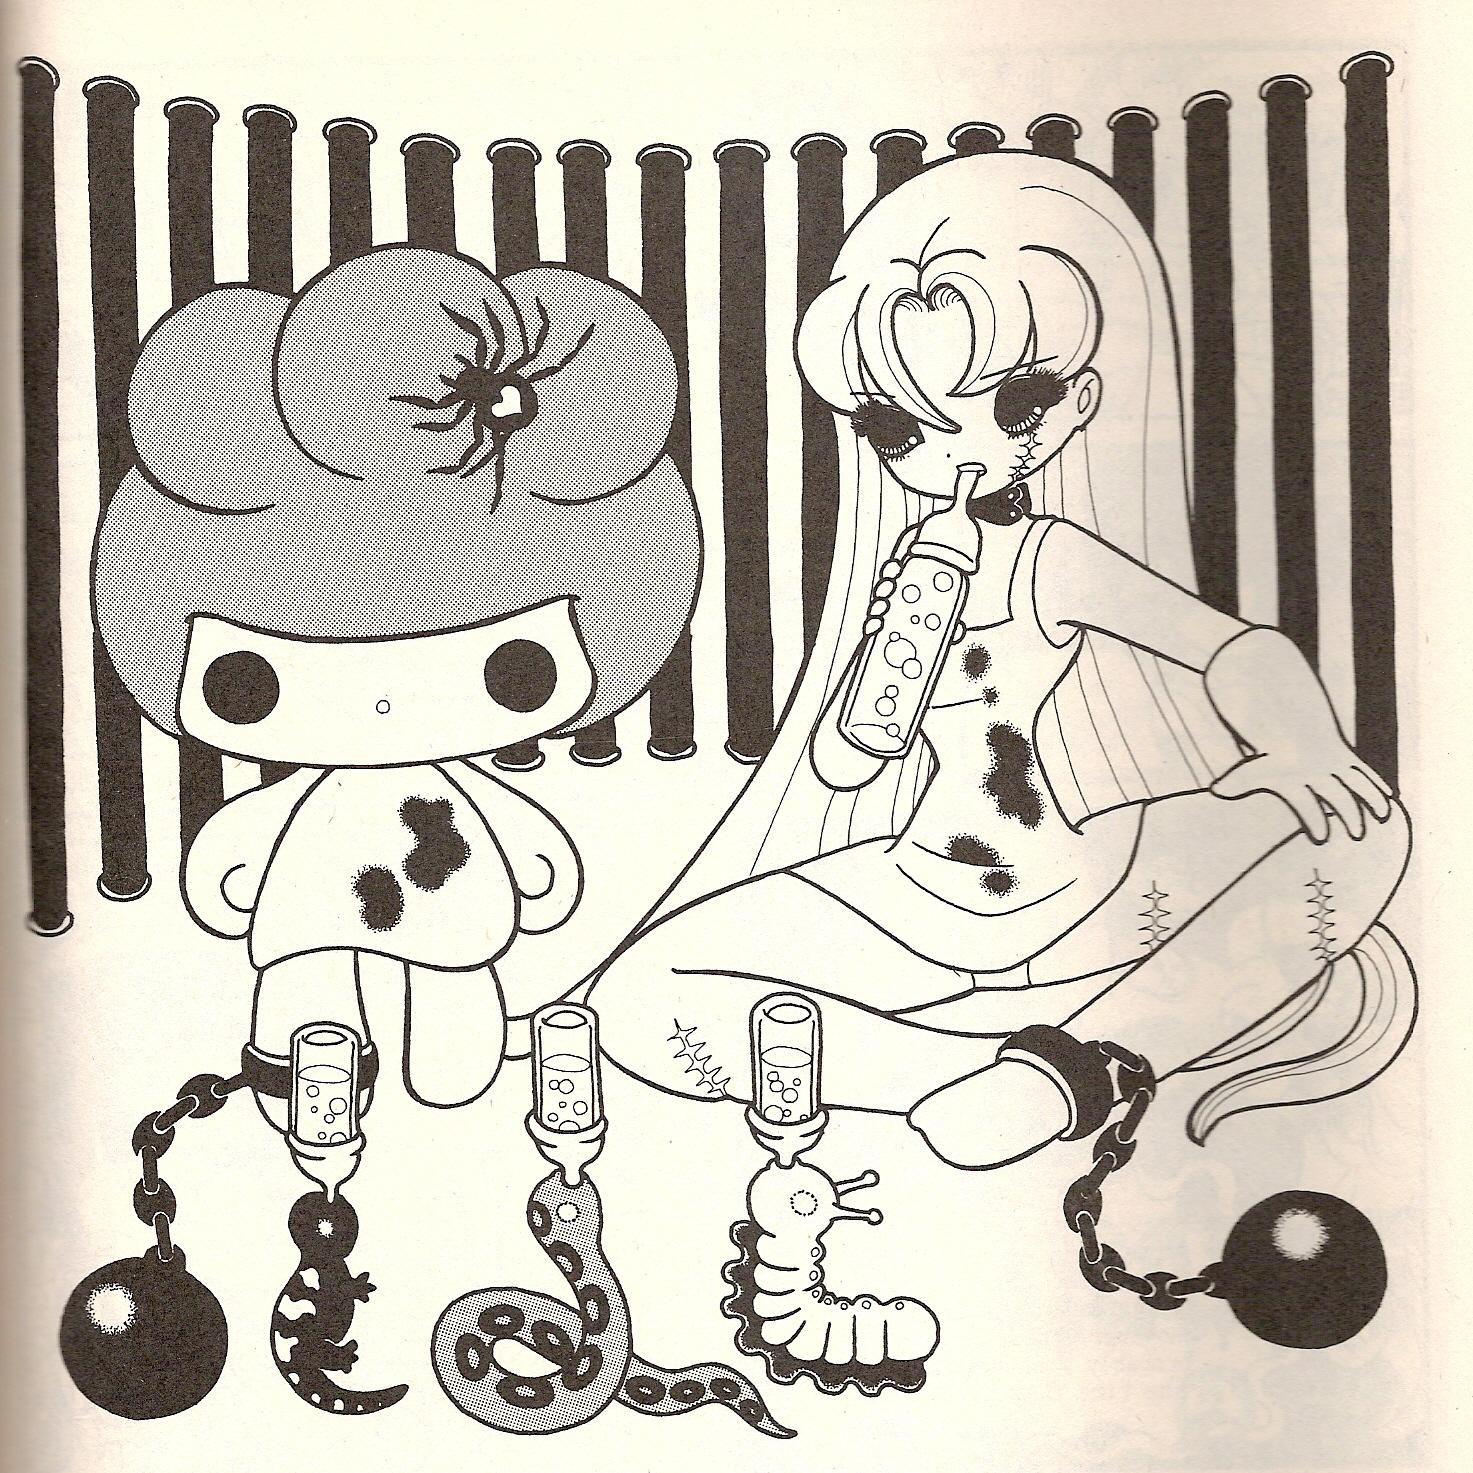 gedetailleerde afbeeldingen verkoop usa online discountwinkel Junko Mizuno: Every Fetish is Weird - Minitokyo